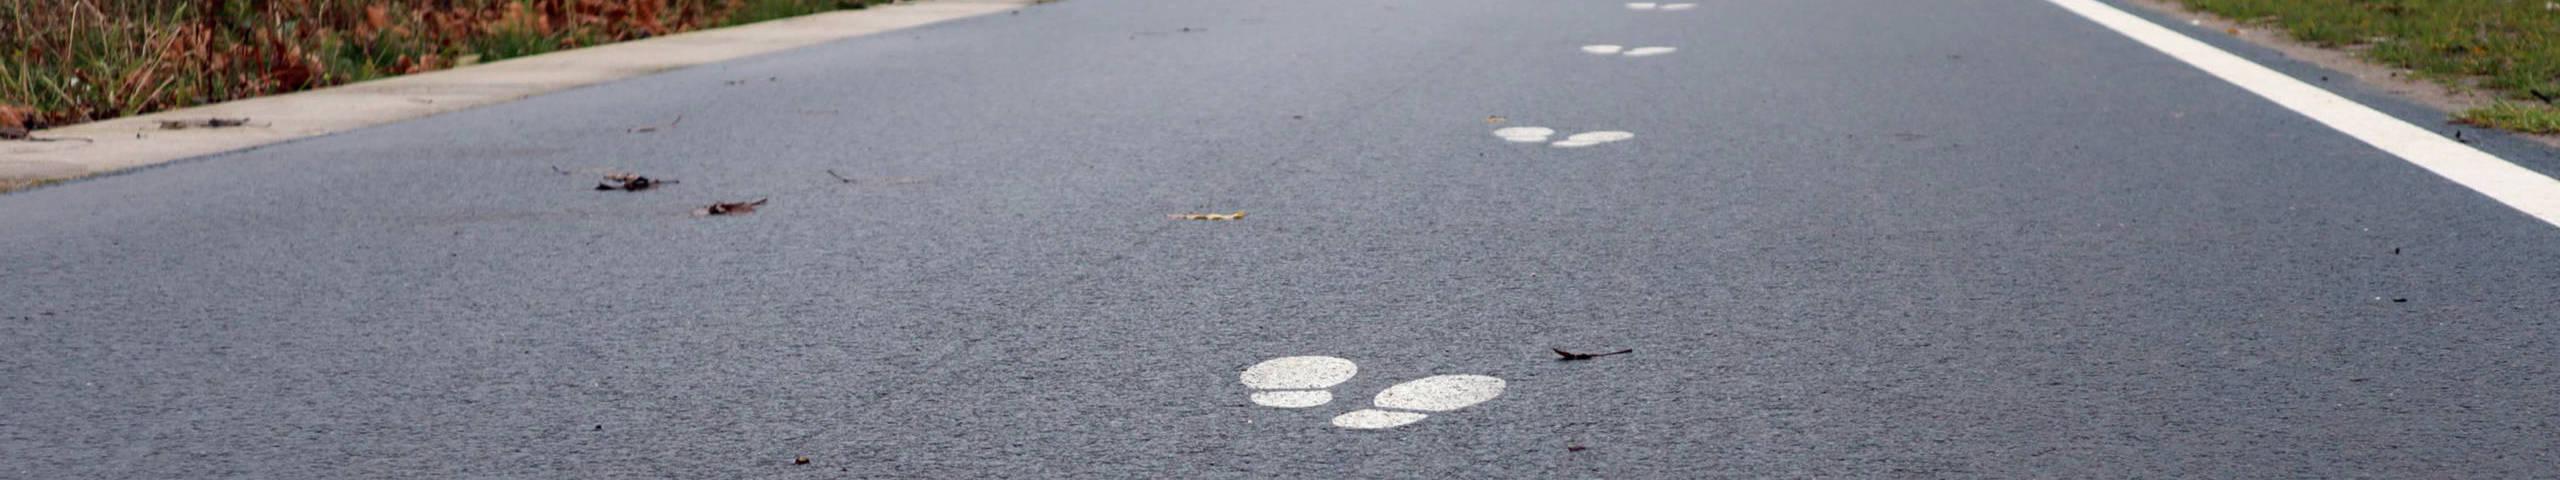 Voeten op asfalt